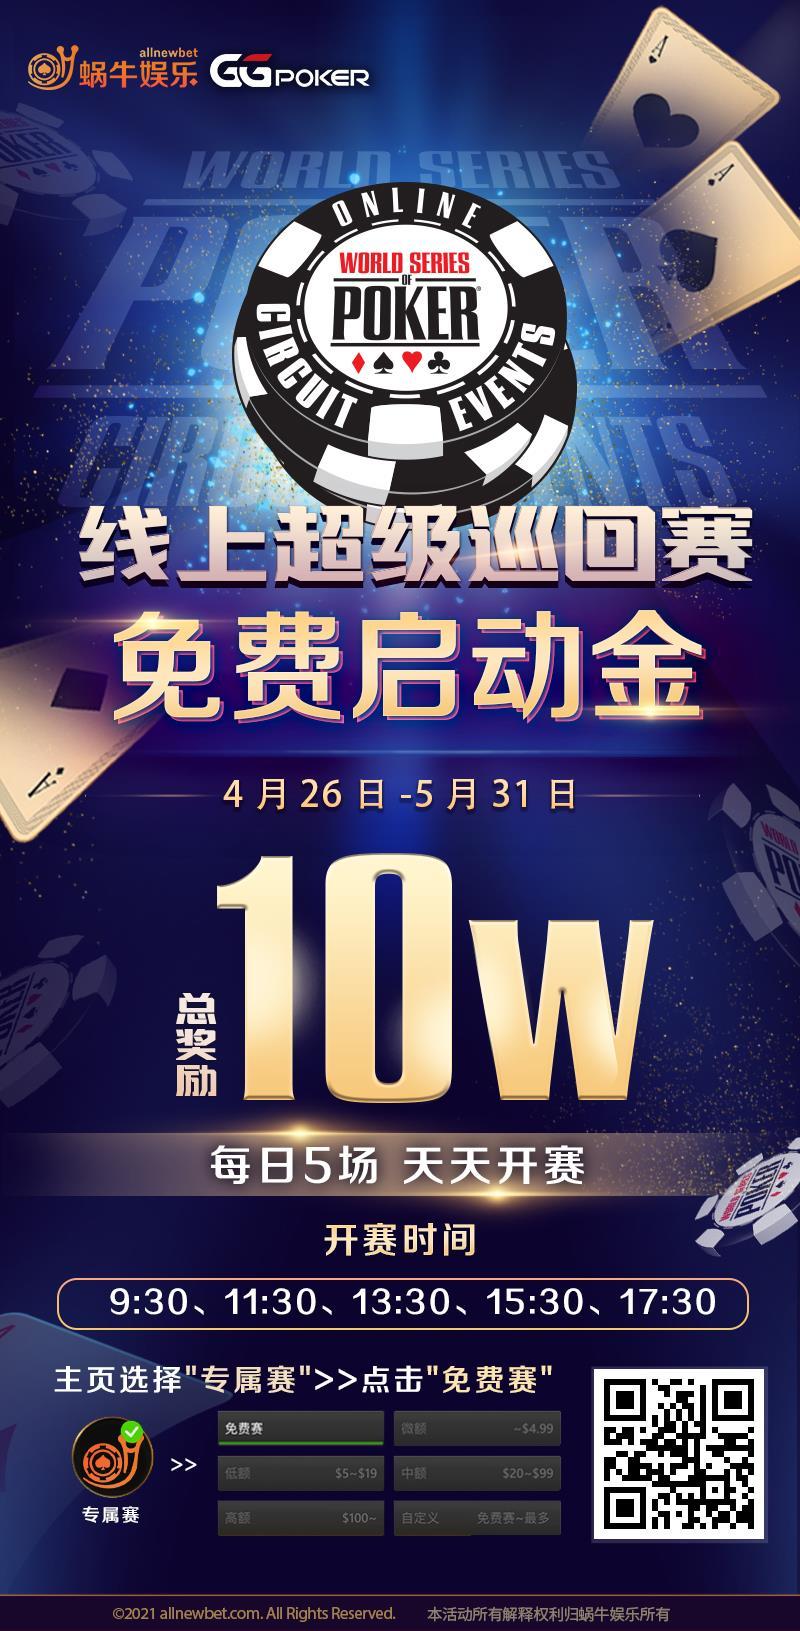 蜗牛扑克WSOP线上超级巡回赛每日5000元免费启动金